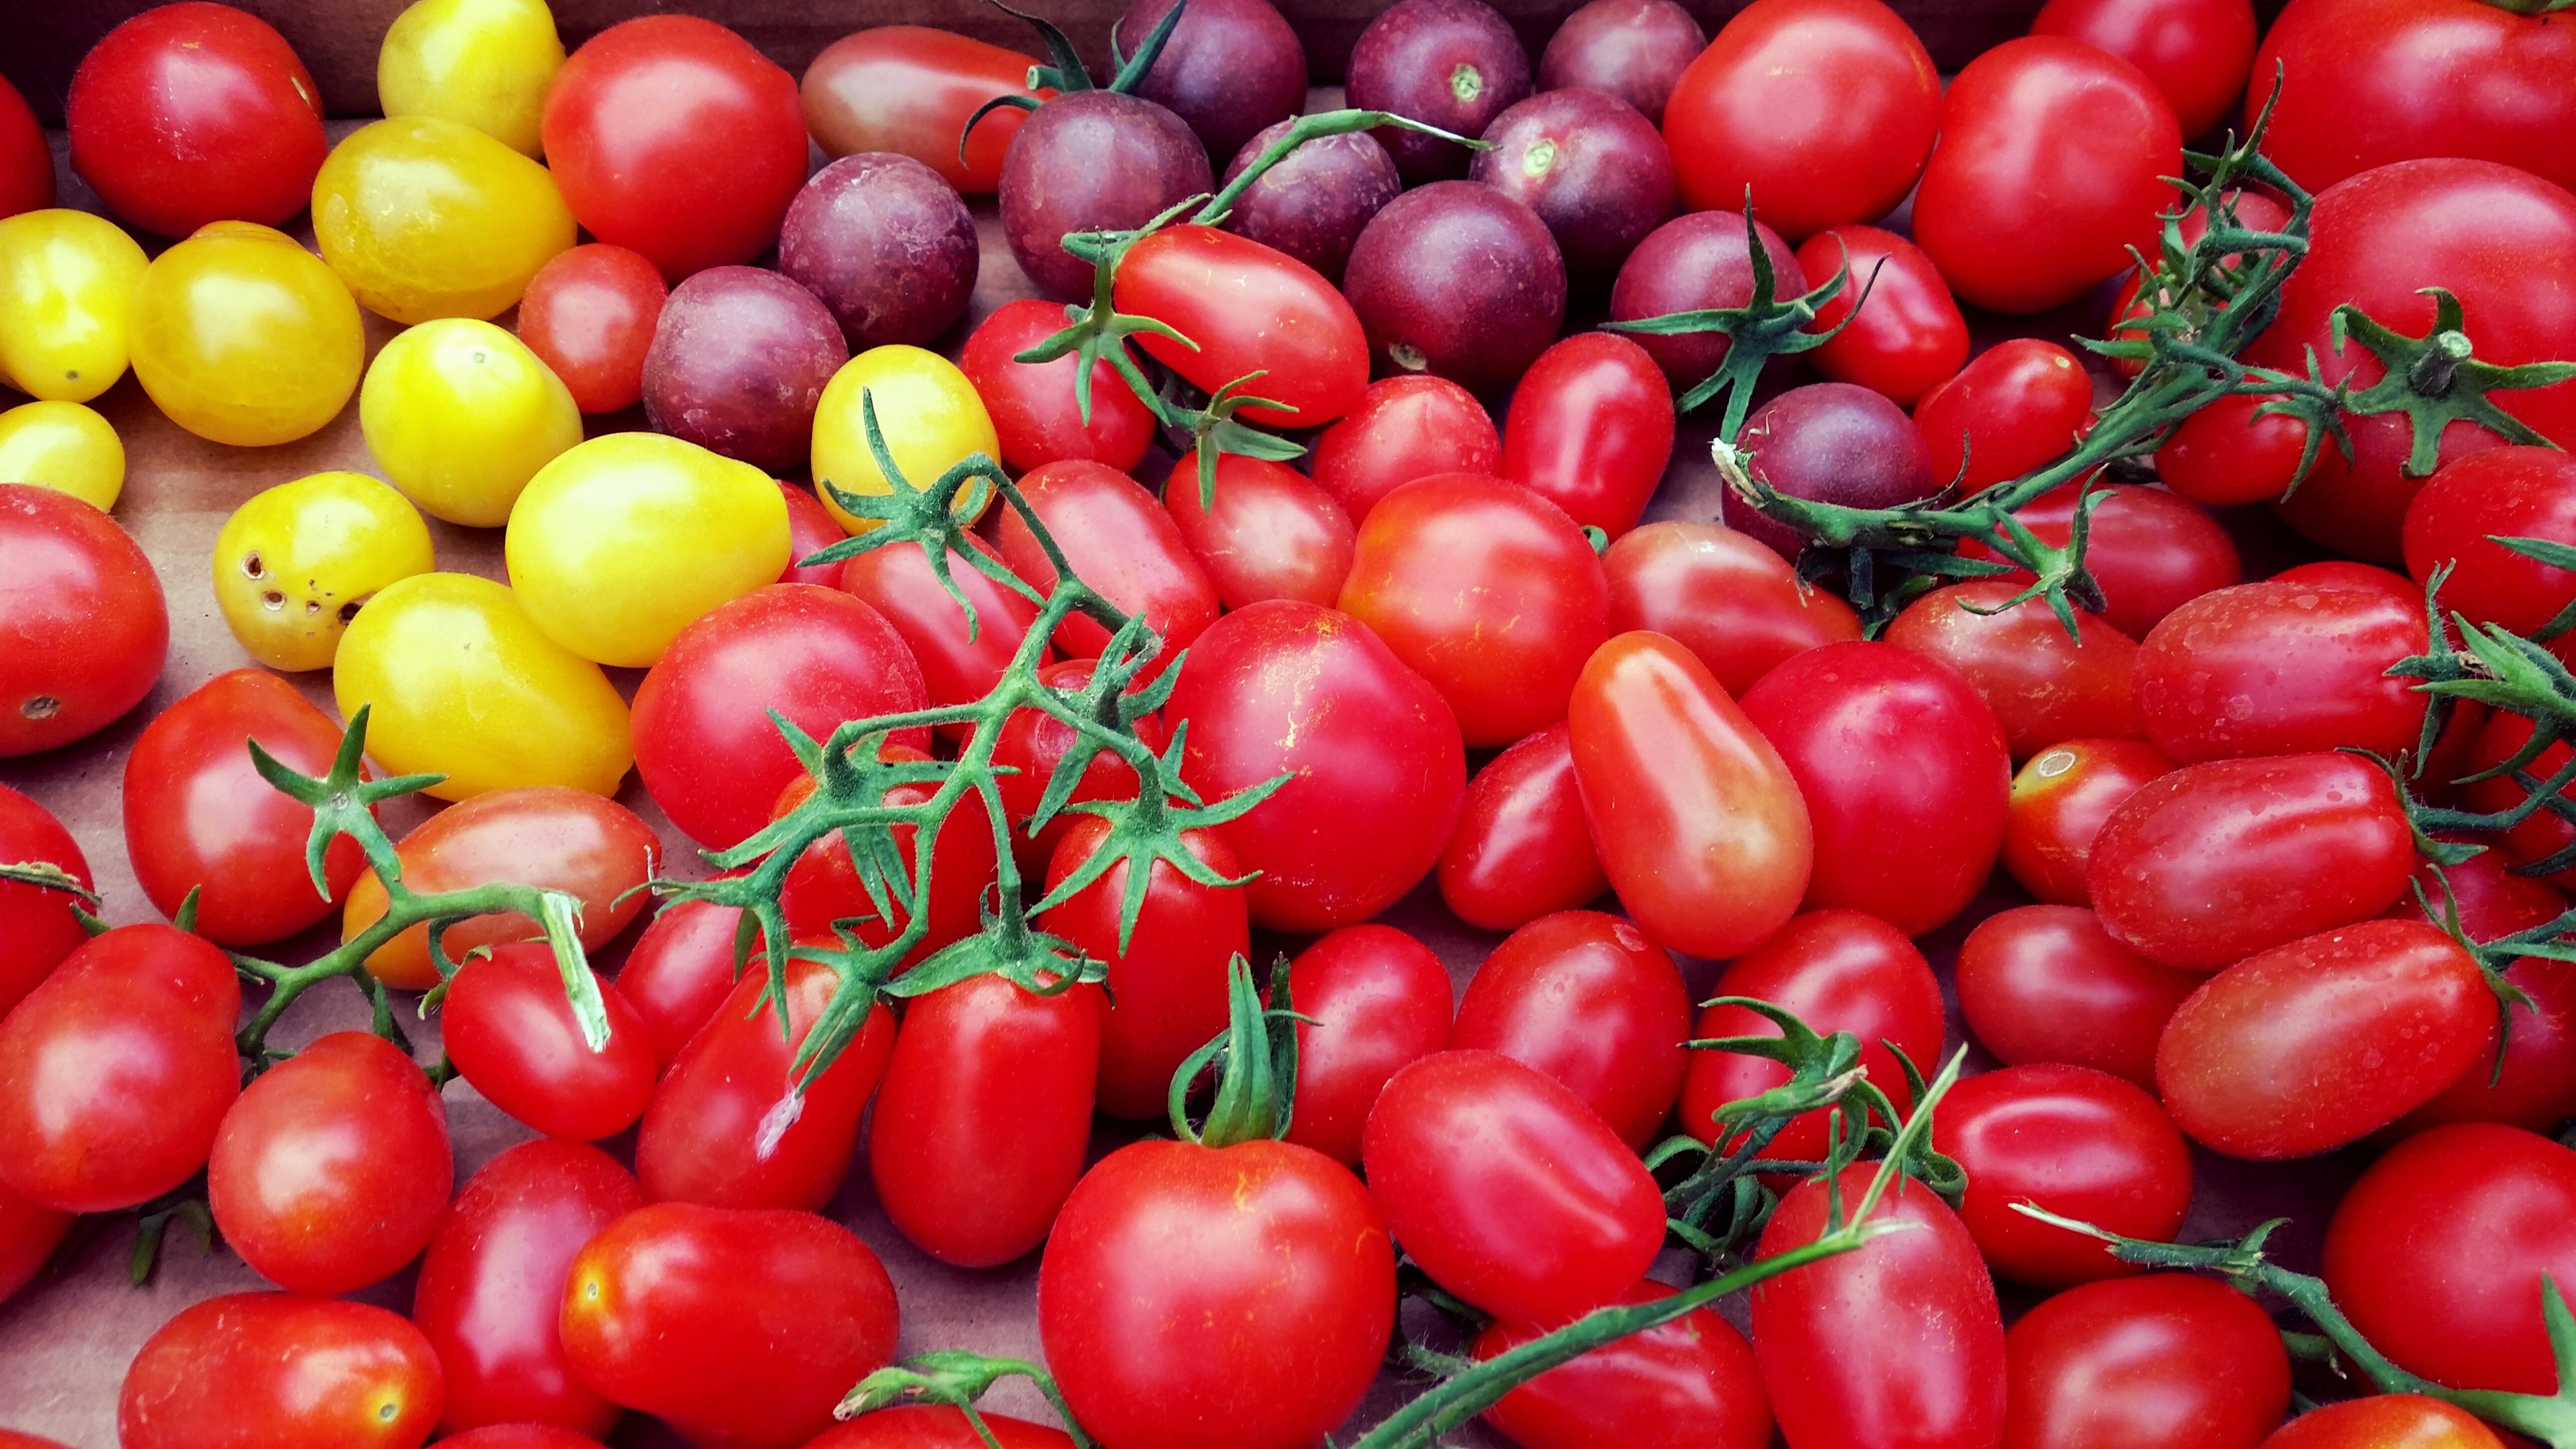 115453 Заставки и Обои Овощи на телефон. Скачать Помидоры, Еда, Овощи, Черри, Разновидности картинки бесплатно